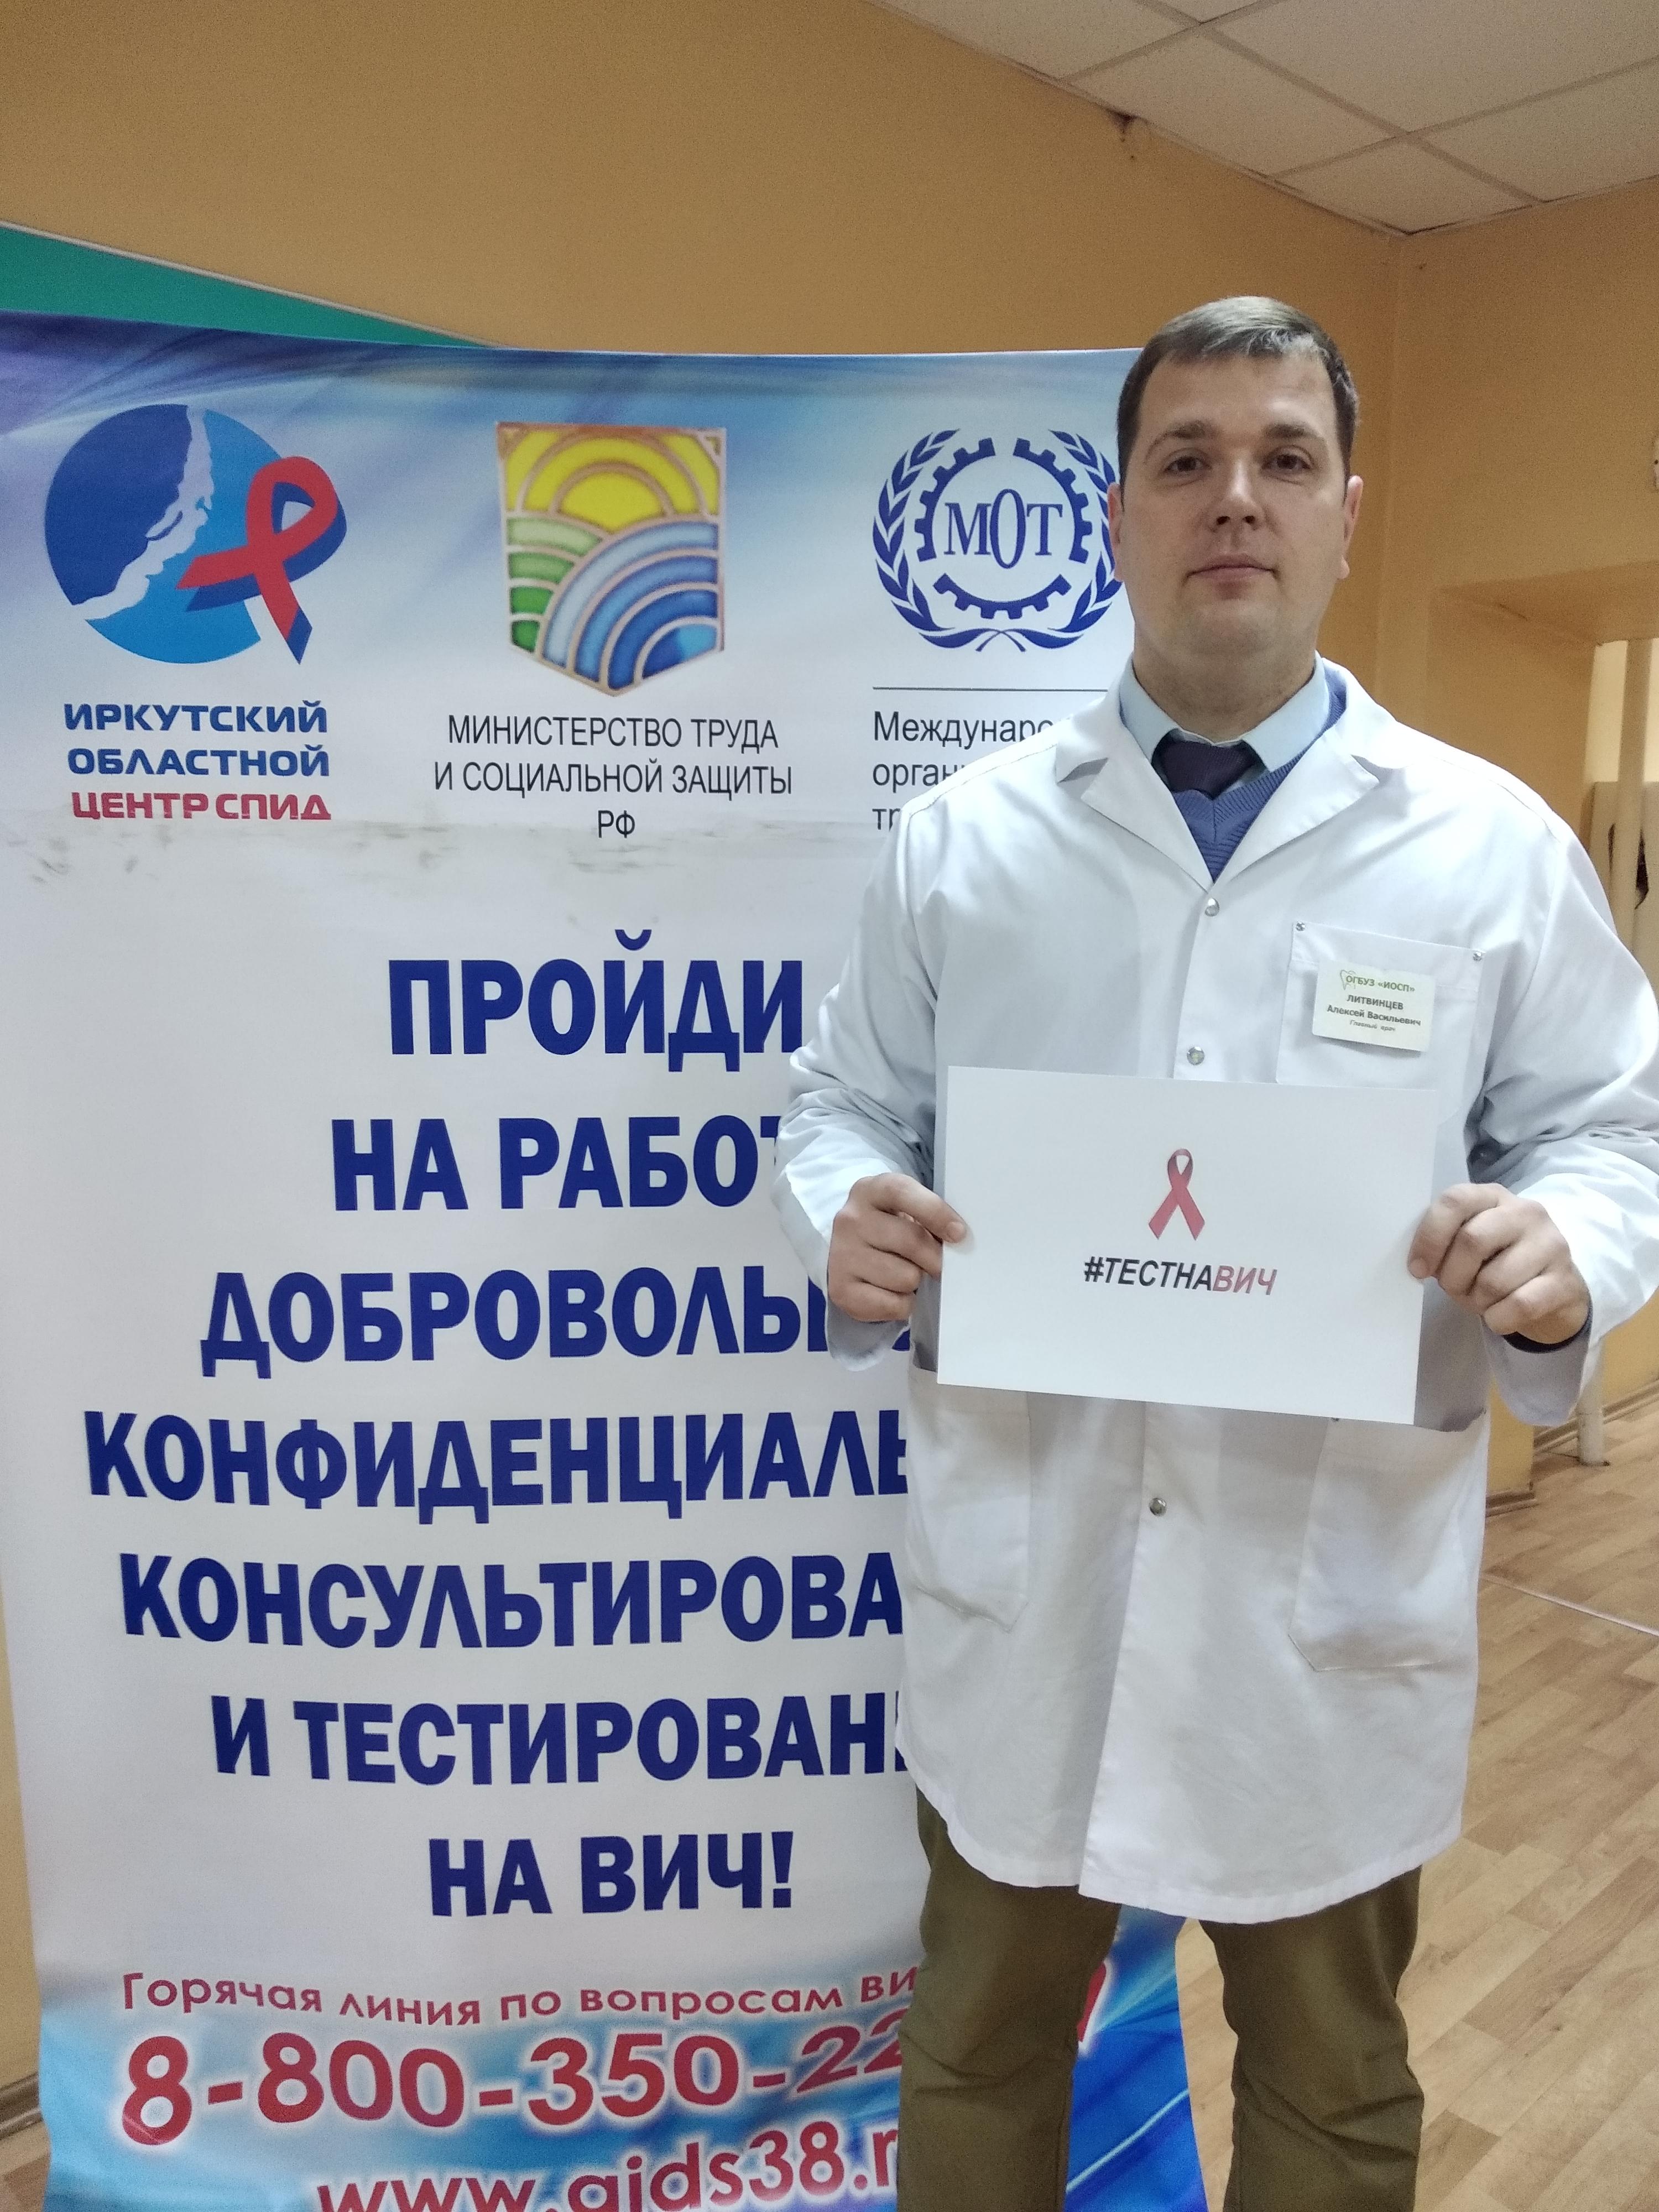 Иркутской областной стоматологической поликлиникой проведены мероприятия по профилактике заражения ВИЧ-инфекцией и вирусными гепатитами.